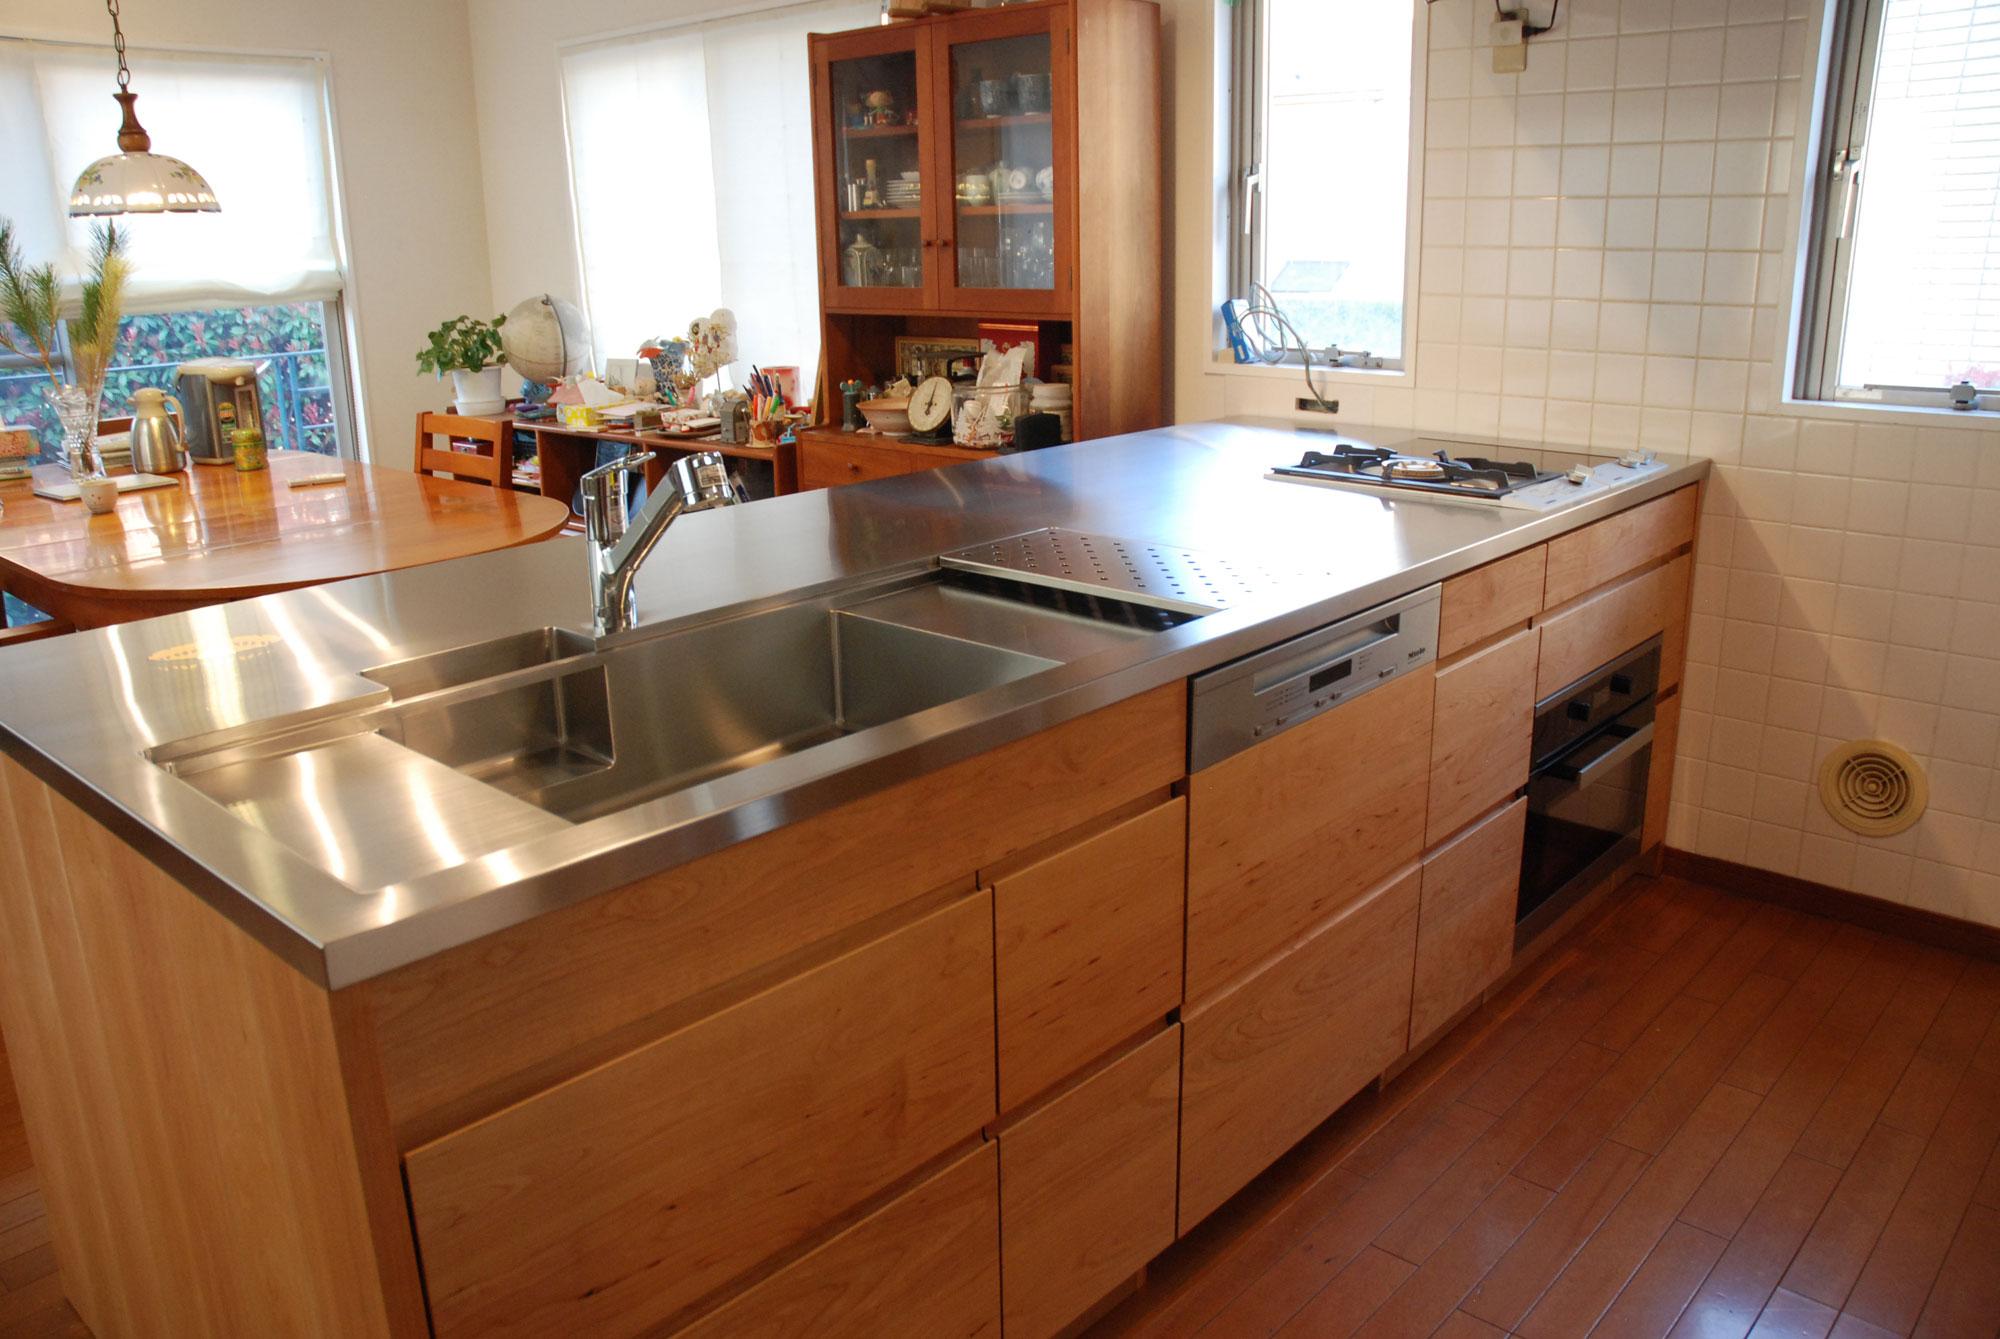 ガゲナウのIHとガスコンロの両方とミーレの電子レンジオーブンのあるキッチンリフォーム no.5062イメージ-1